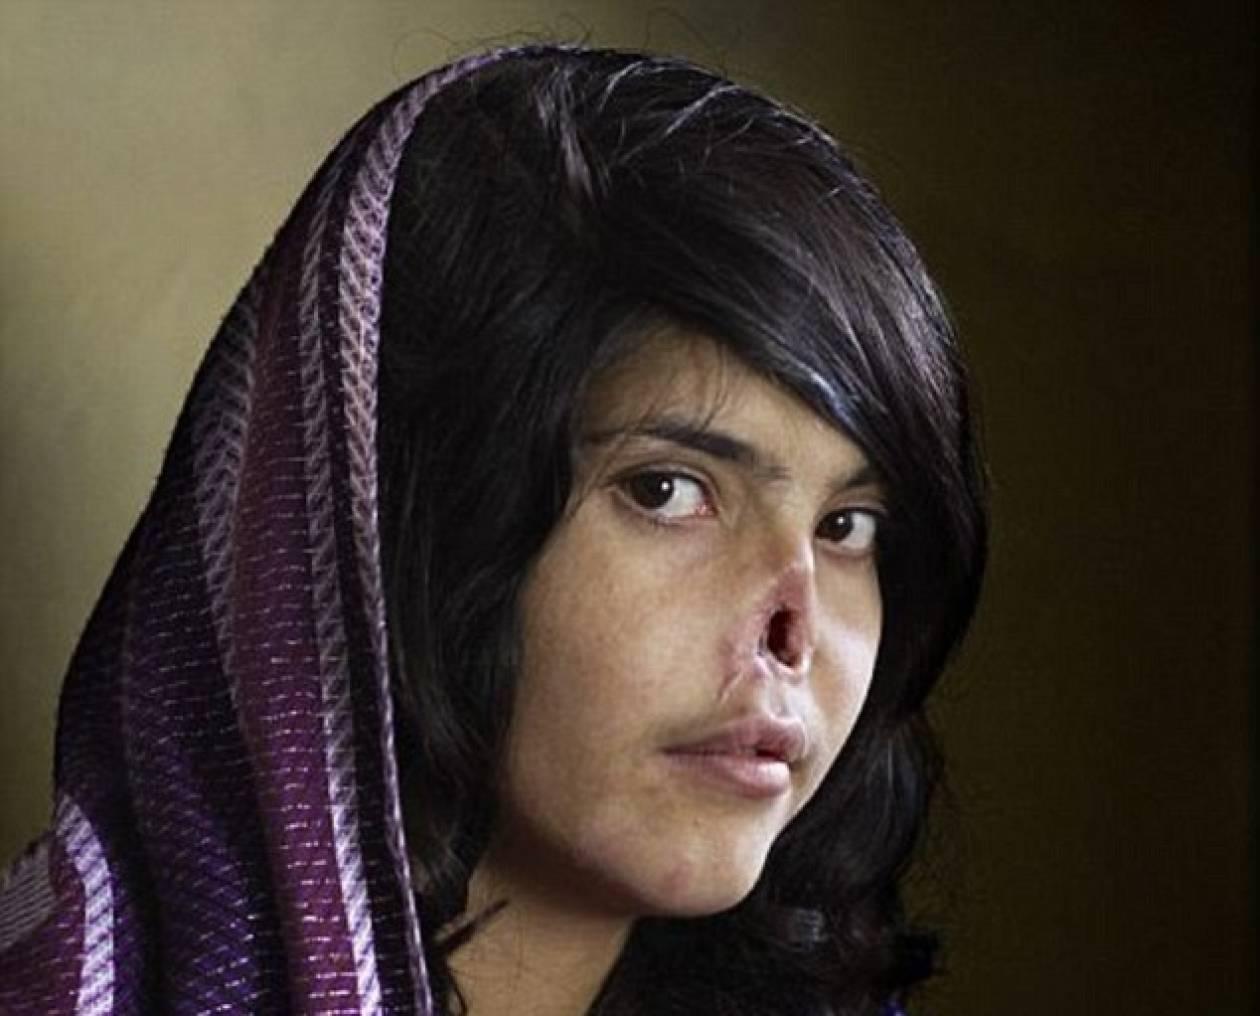 Δείτε πως είναι σήμερα η Αφγανή από το εξώφυλλο του TIME (βίντεο)